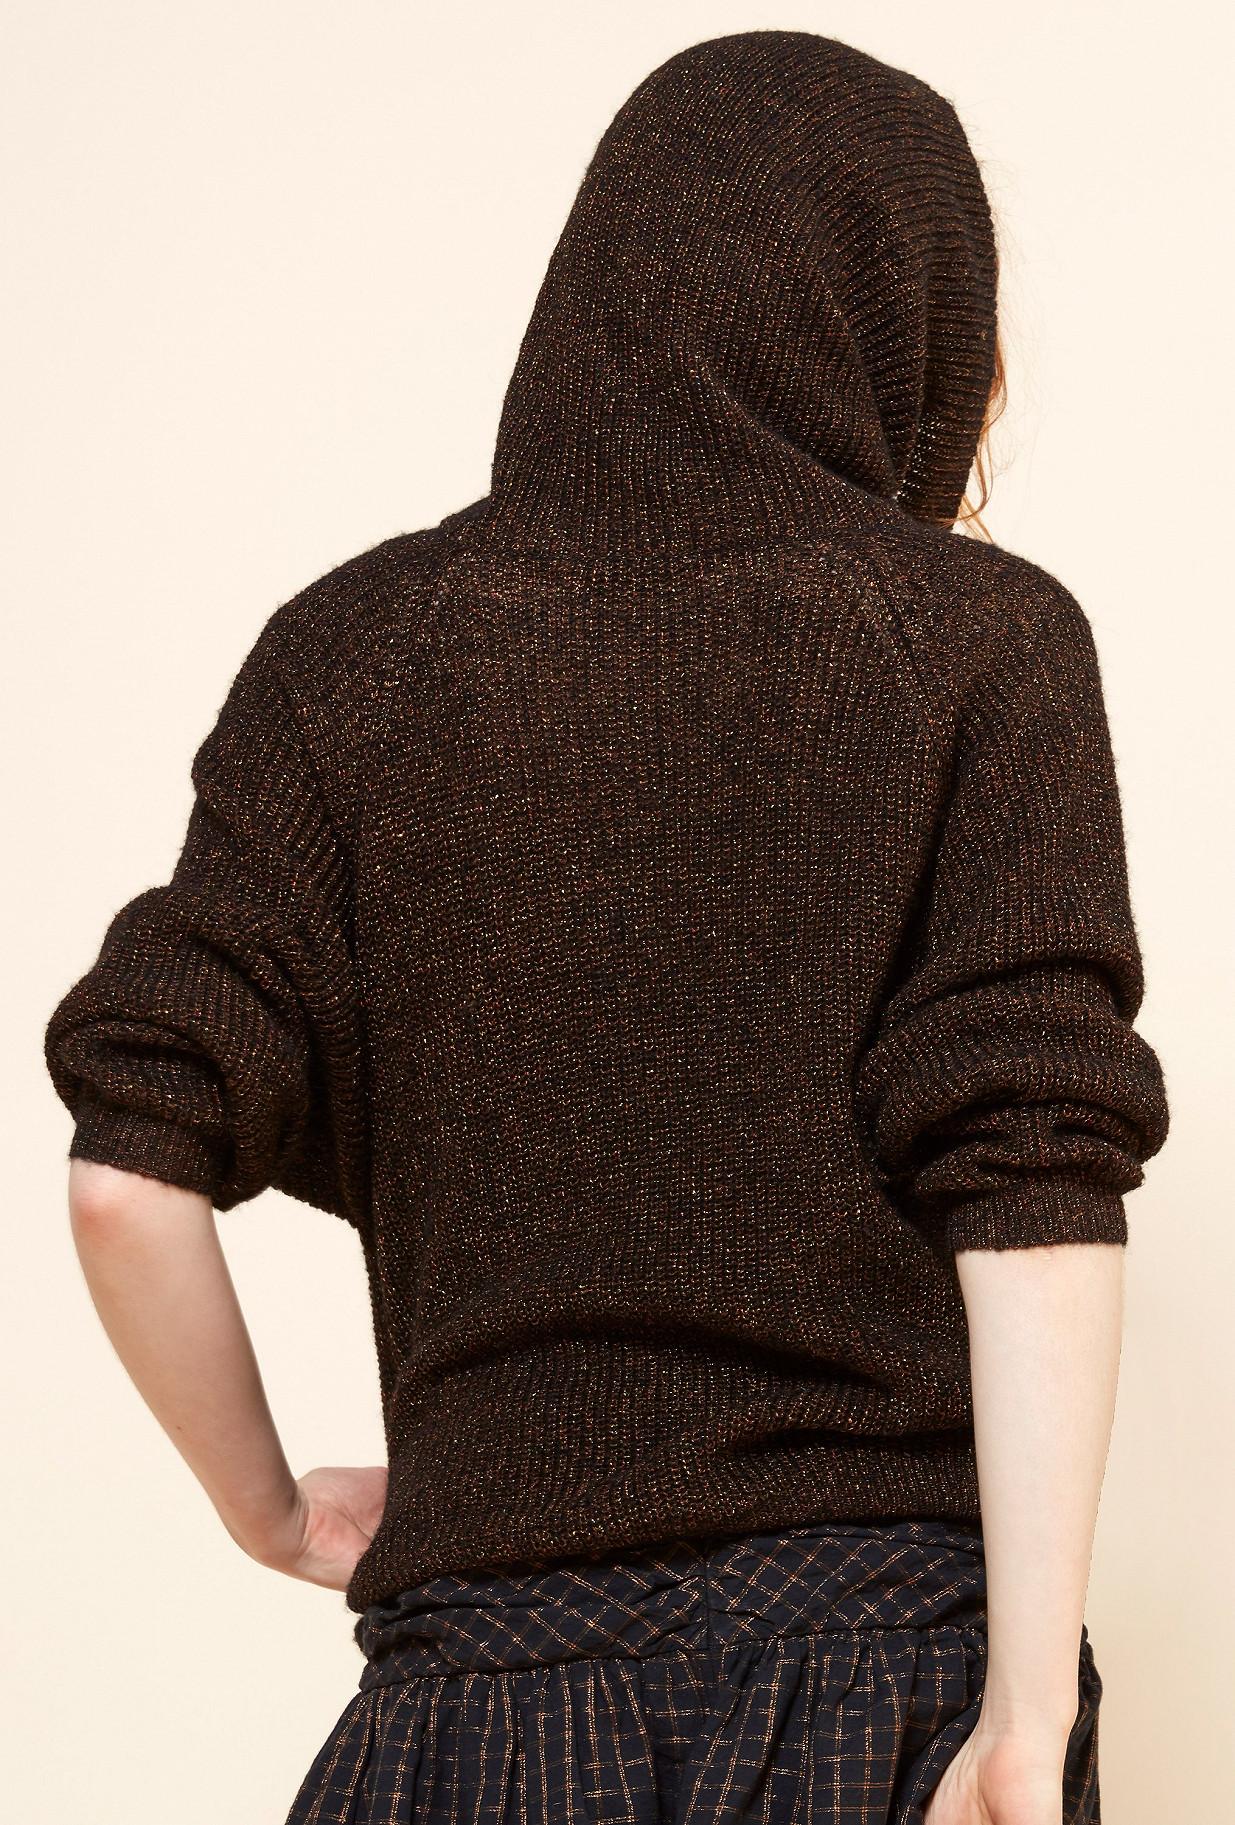 Paris boutique de mode vêtement Maille créateur bohème  Mordoree